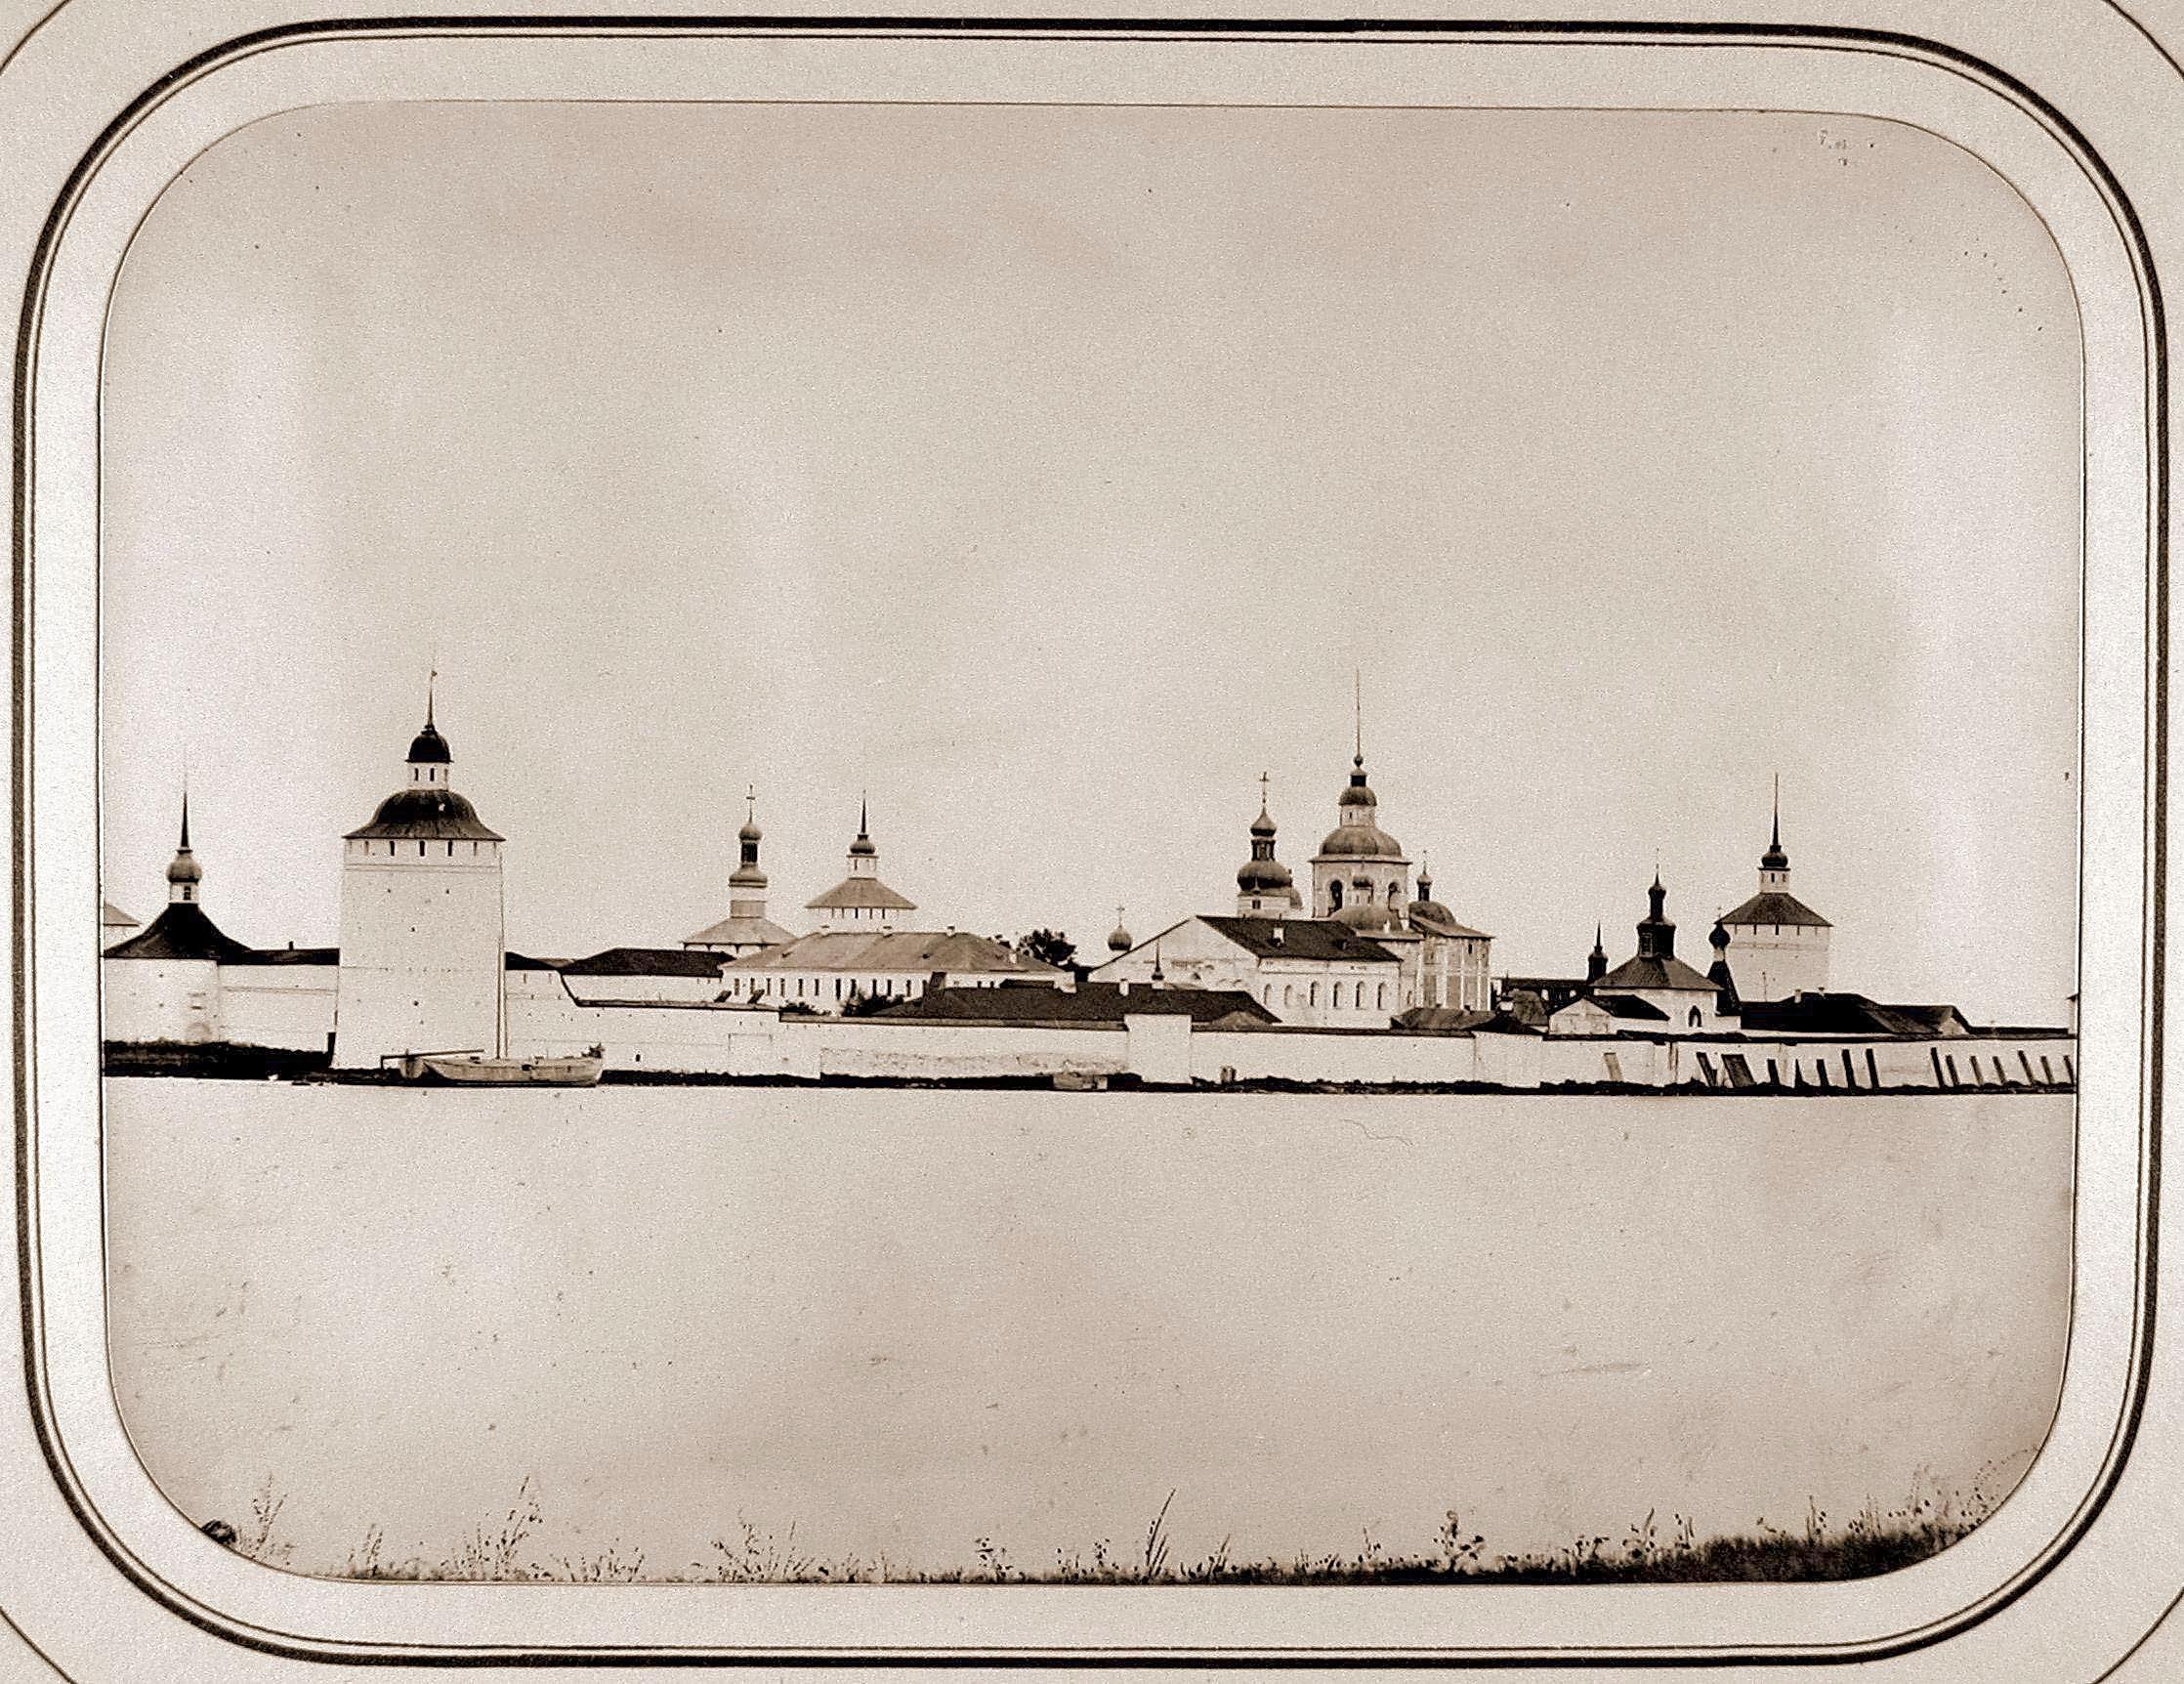 Вид на Кирилло-Белозерский мужской монастырь на Сиверском озере. 1865